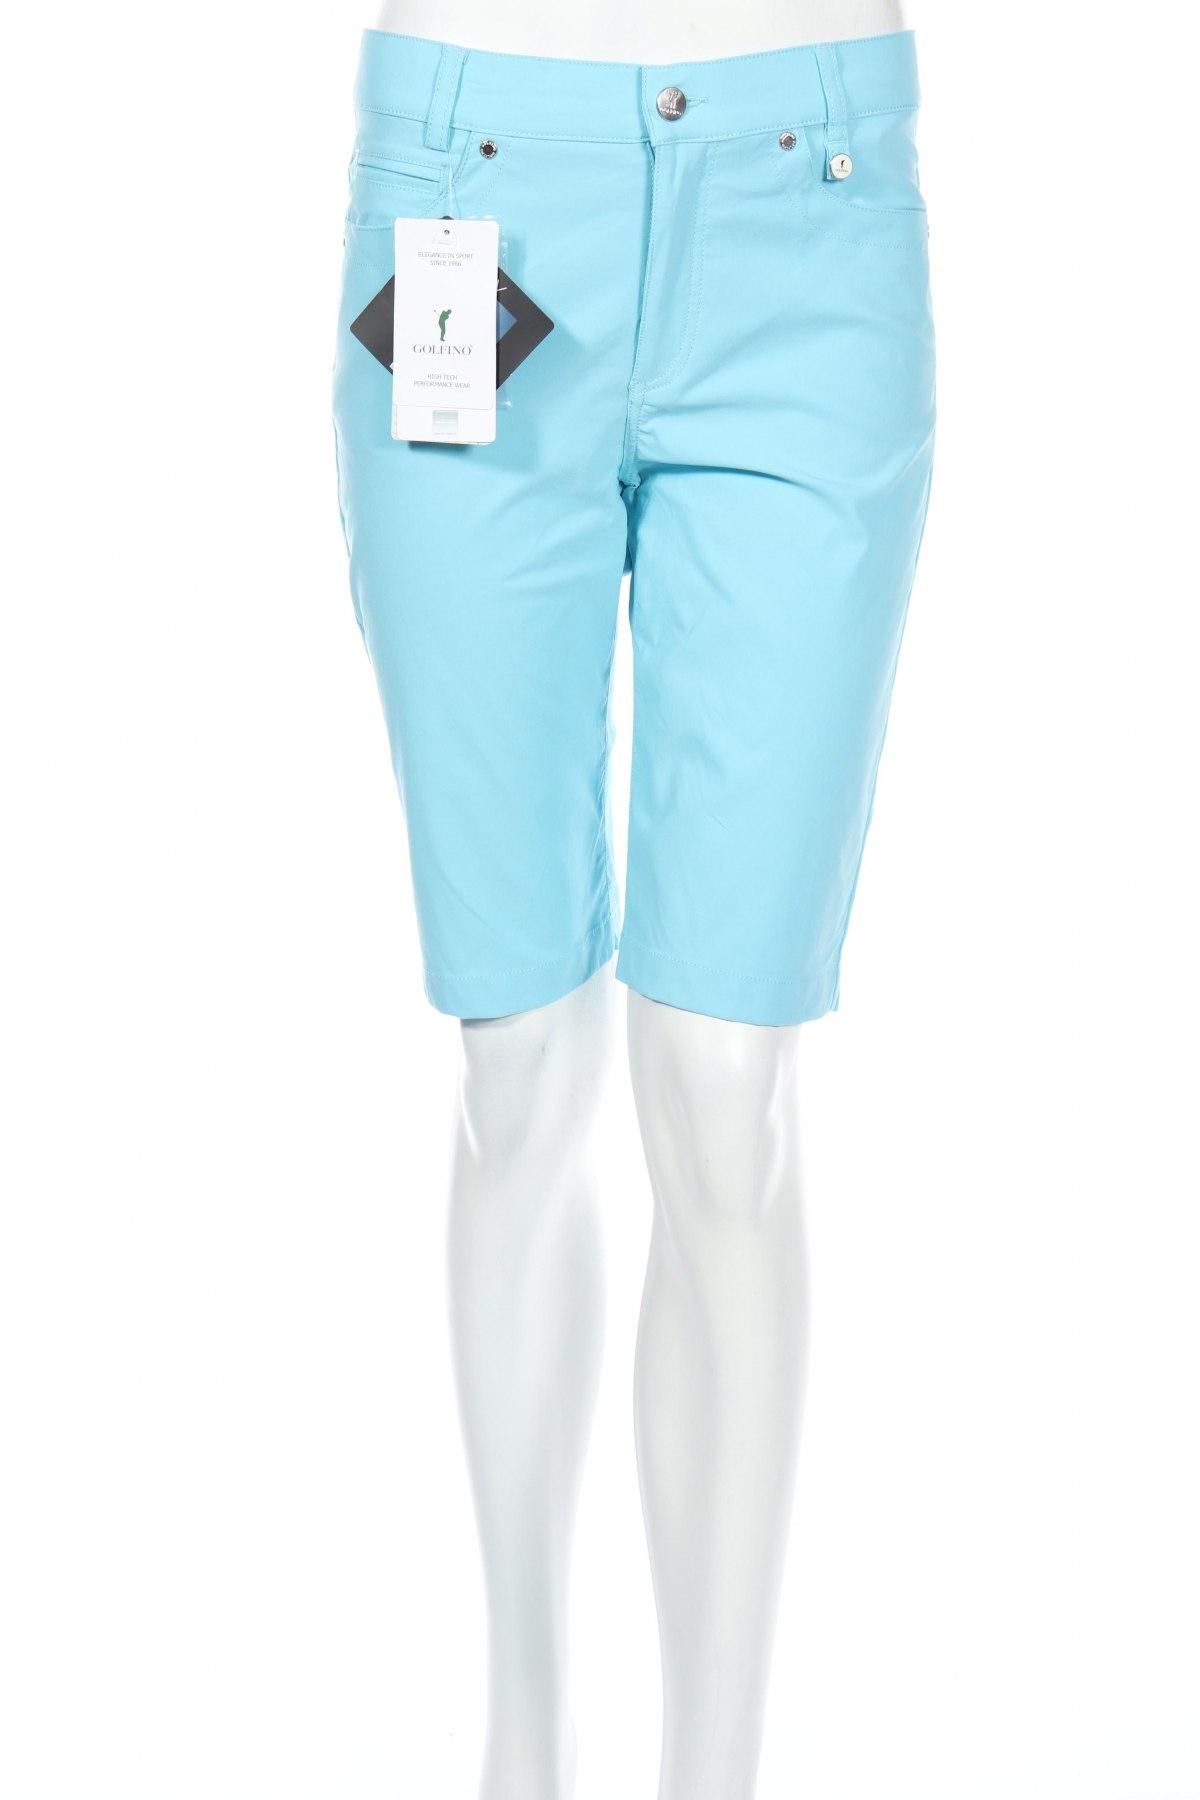 Γυναικείο κοντό παντελόνι Golfino, Μέγεθος S, Χρώμα Μπλέ, 94% πολυαμίδη, 6% ελαστάνη, Τιμή 16,67€